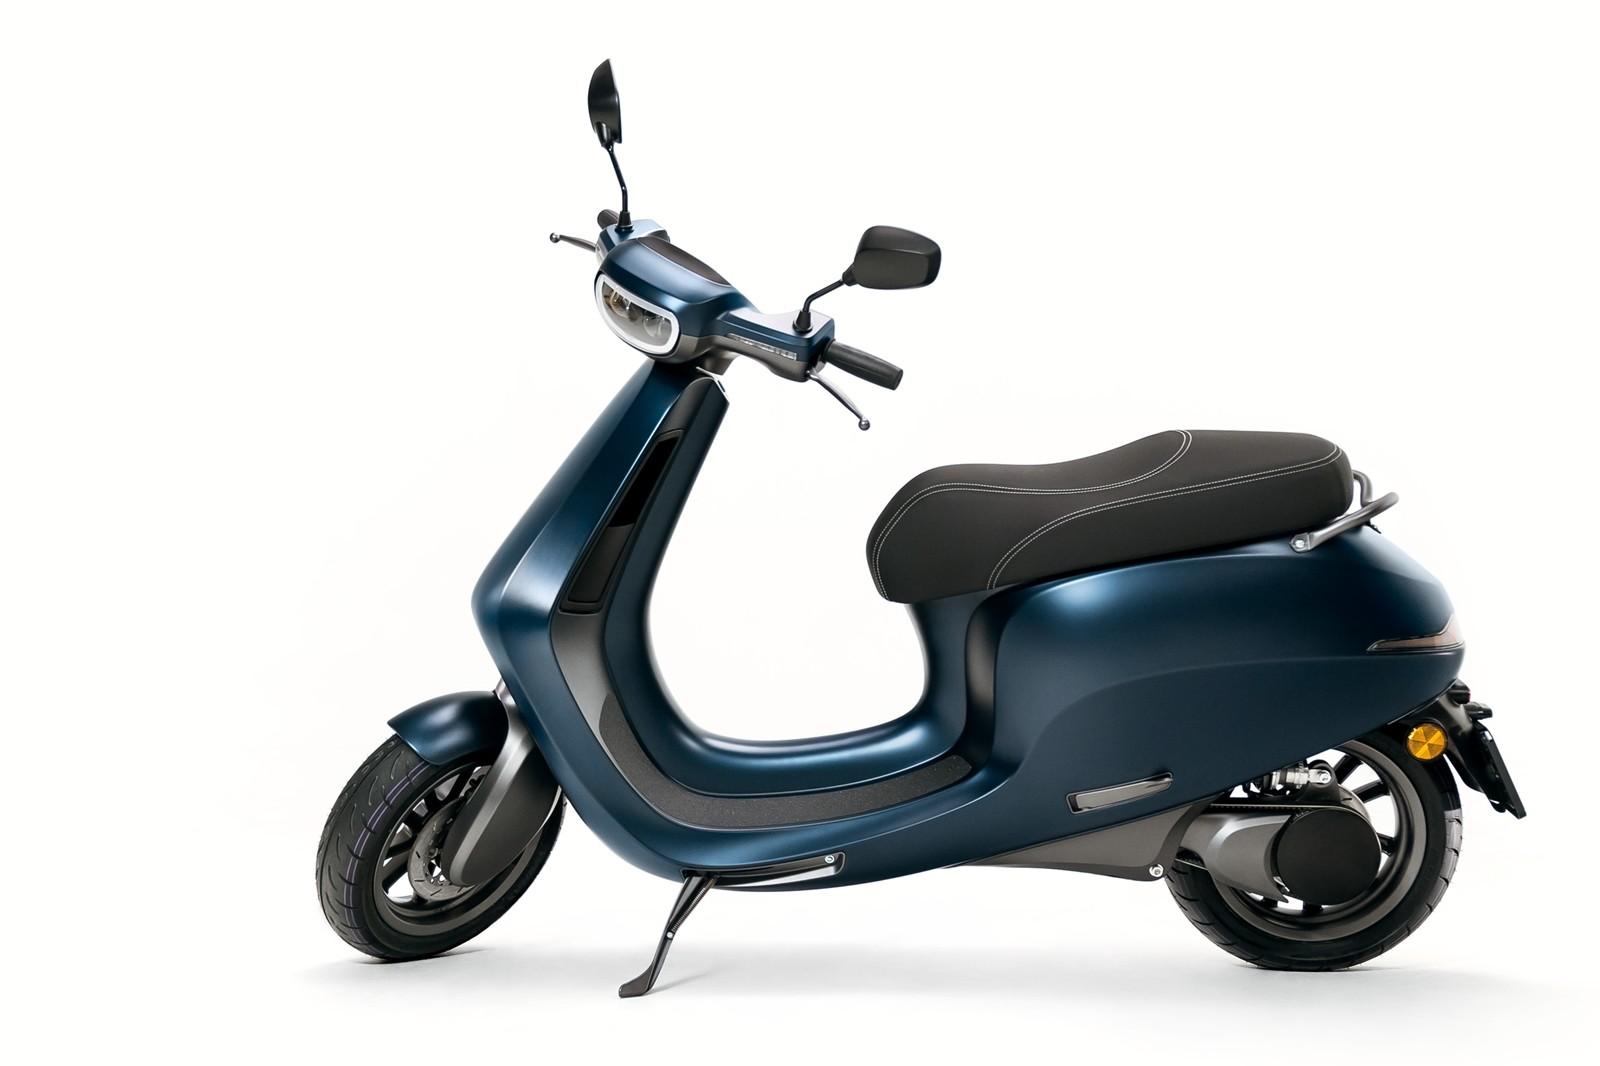 motor elétrico não é colocado na roda, mas em uma posição convencional e transmite a força para a roda traseira através de uma correia.